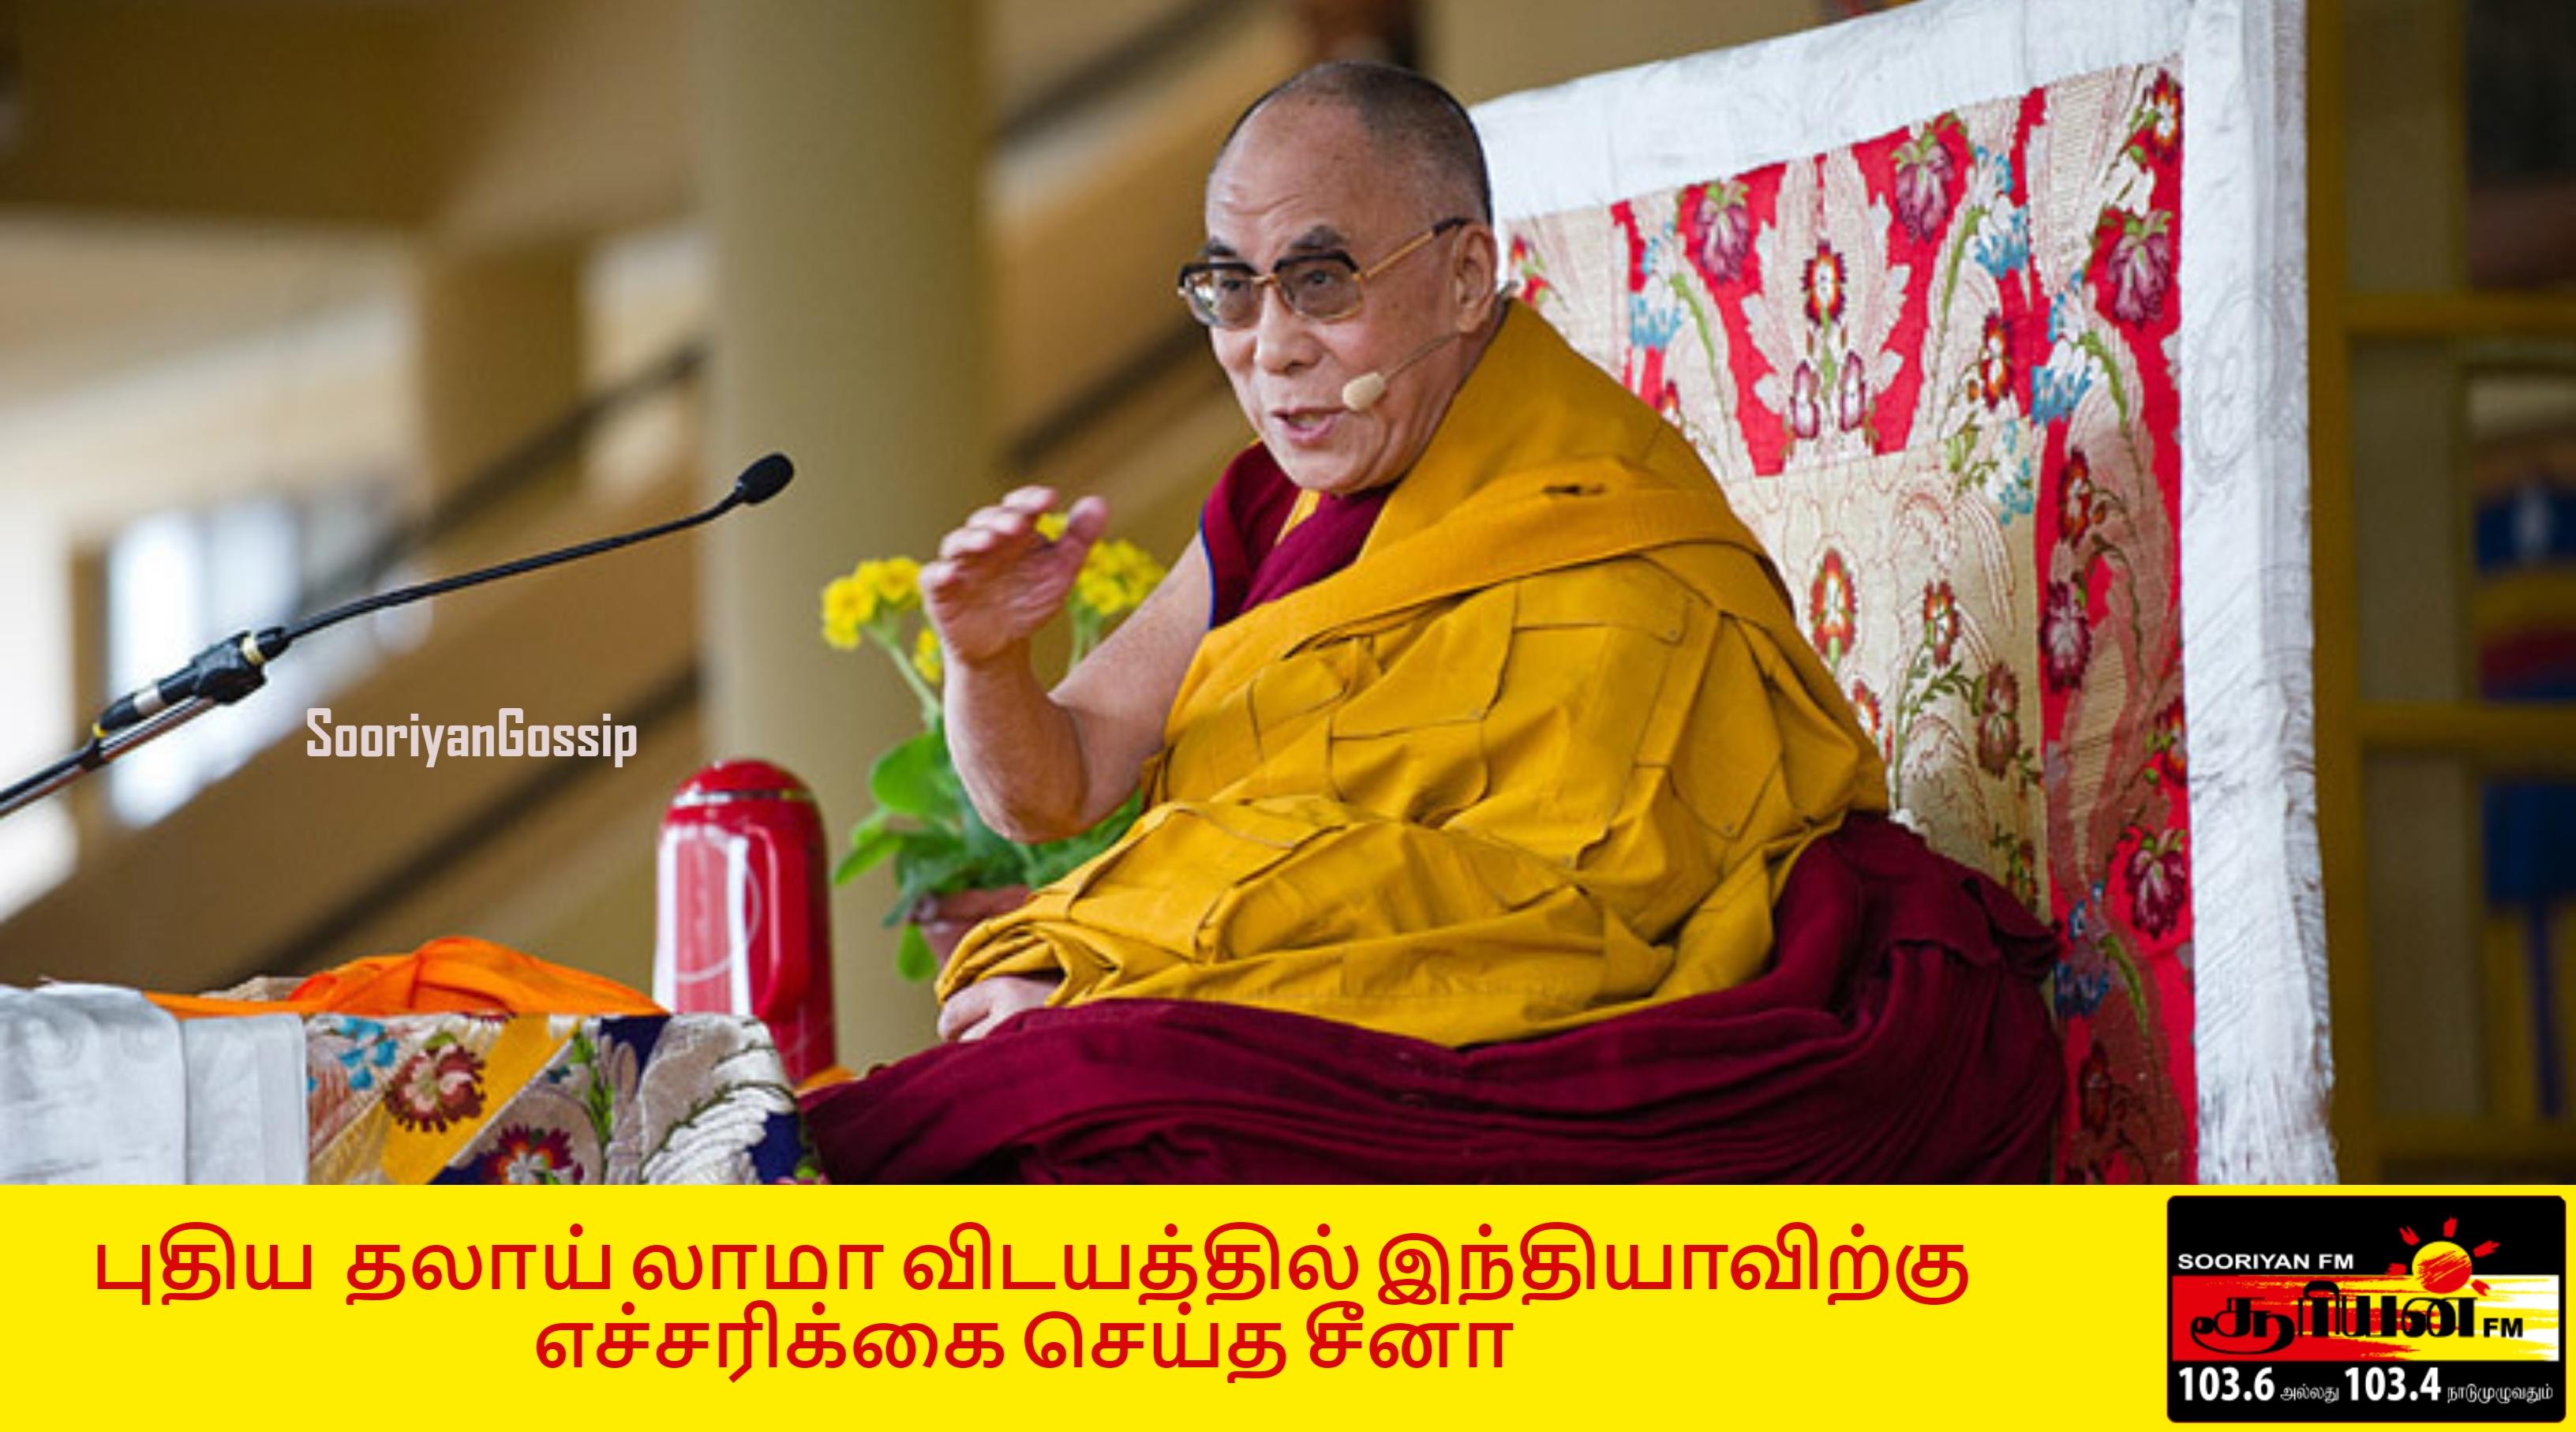 புதிய  தலாய் லாமா விடயத்தில் இந்தியாவிற்கு எச்சரிக்கை செய்த சீனா